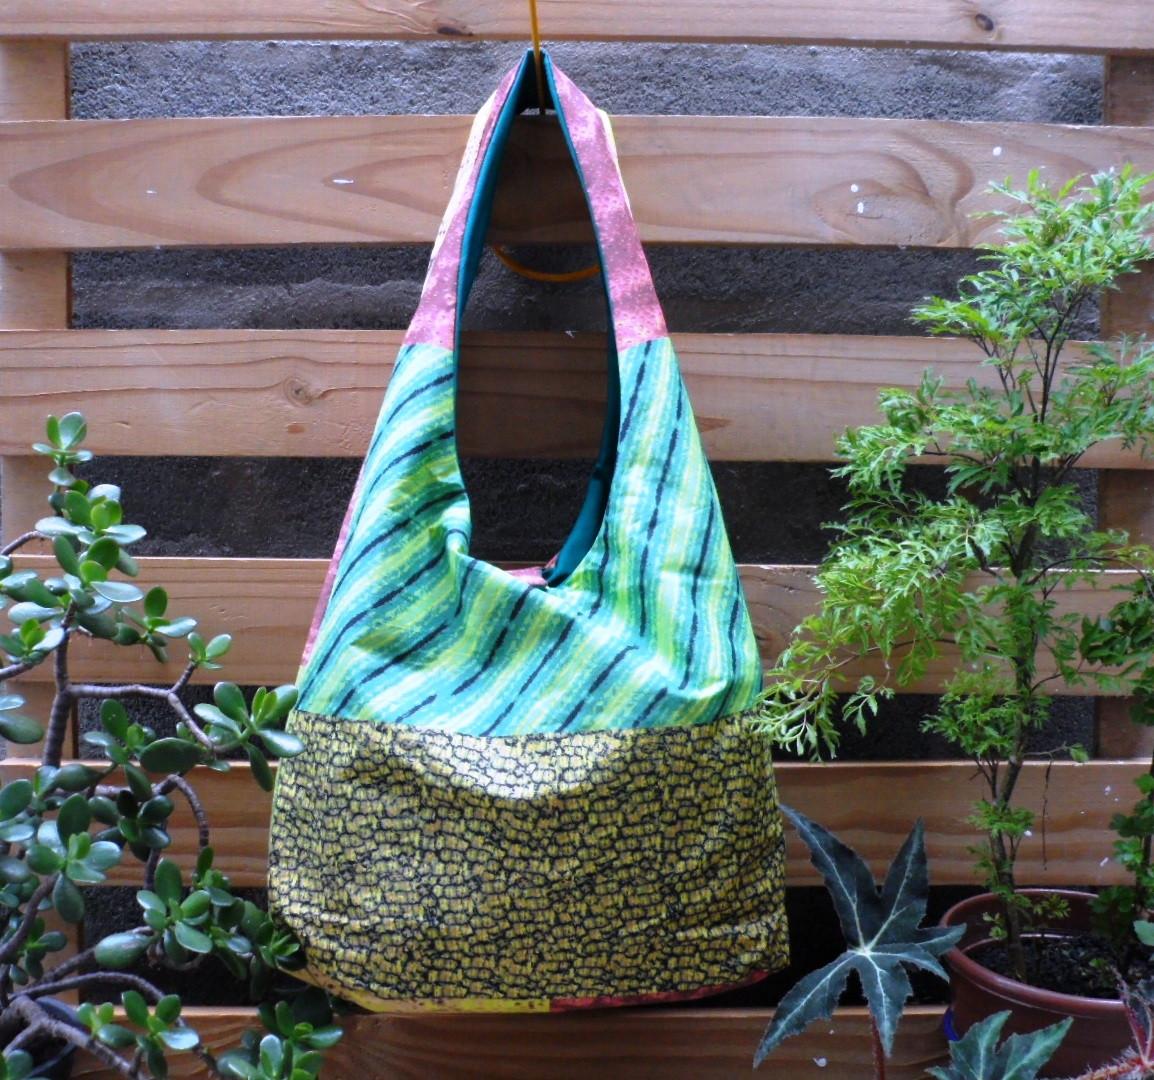 Bolsa Em Tecido Dupla Face : Bolsa de praia saco em tecido dupla face tropic?lia moda